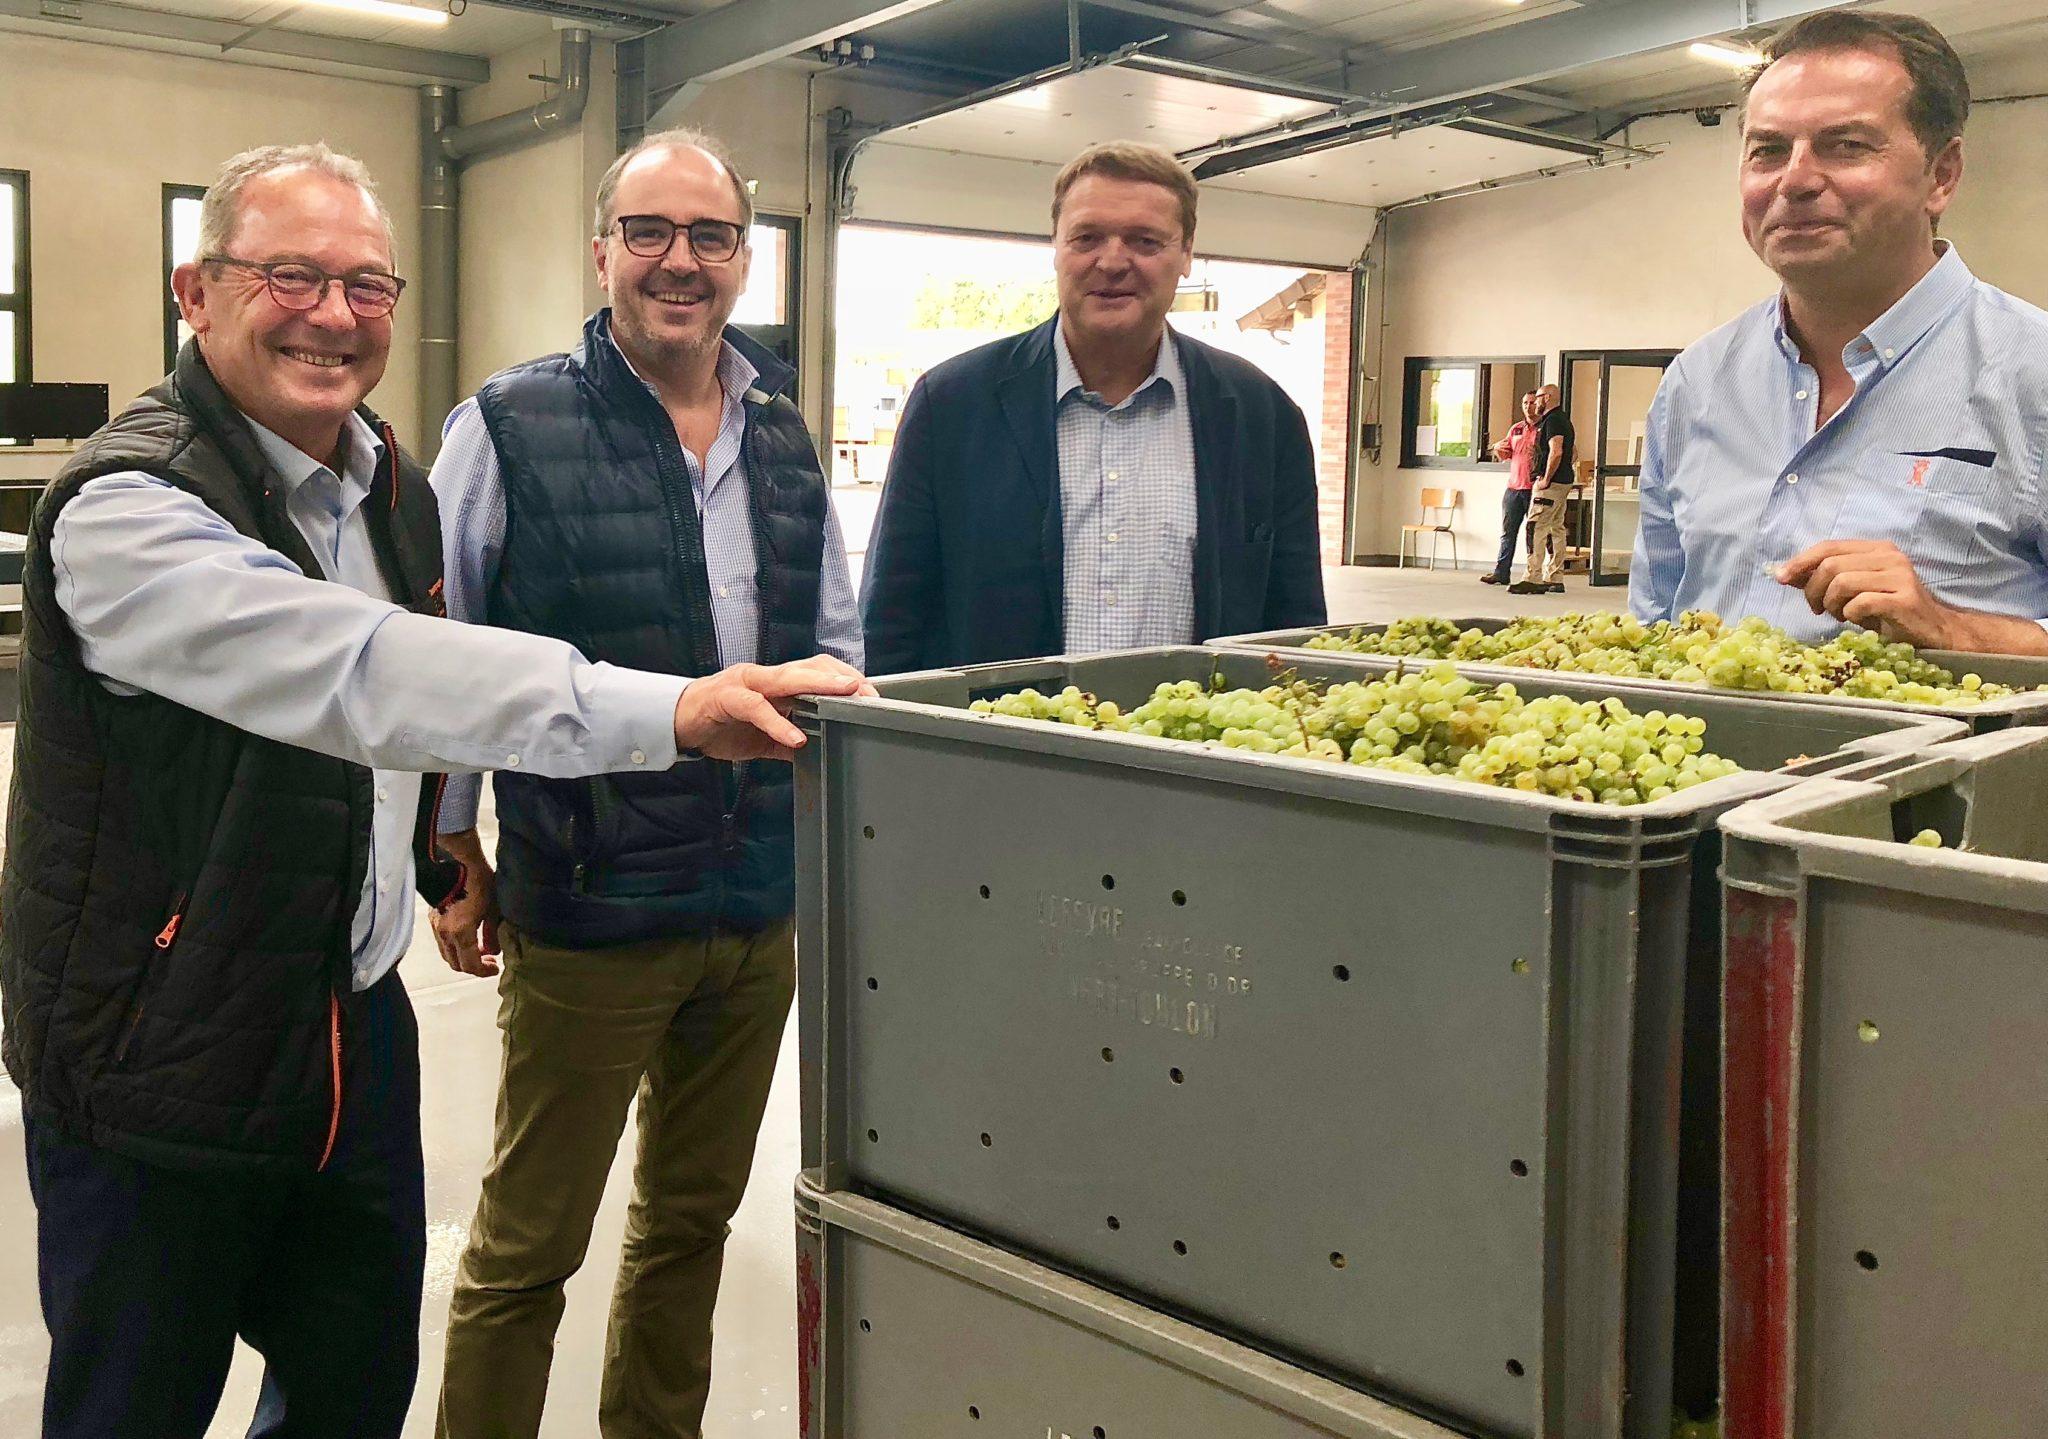 Patrick Boivin, directeur du vignoble du champagne Deutz, président des Celliers de Pierry, Philippe Launois, courtier, Arnaud Descotte, directeur des services techniques du Comité Champagne et Remi Durand.